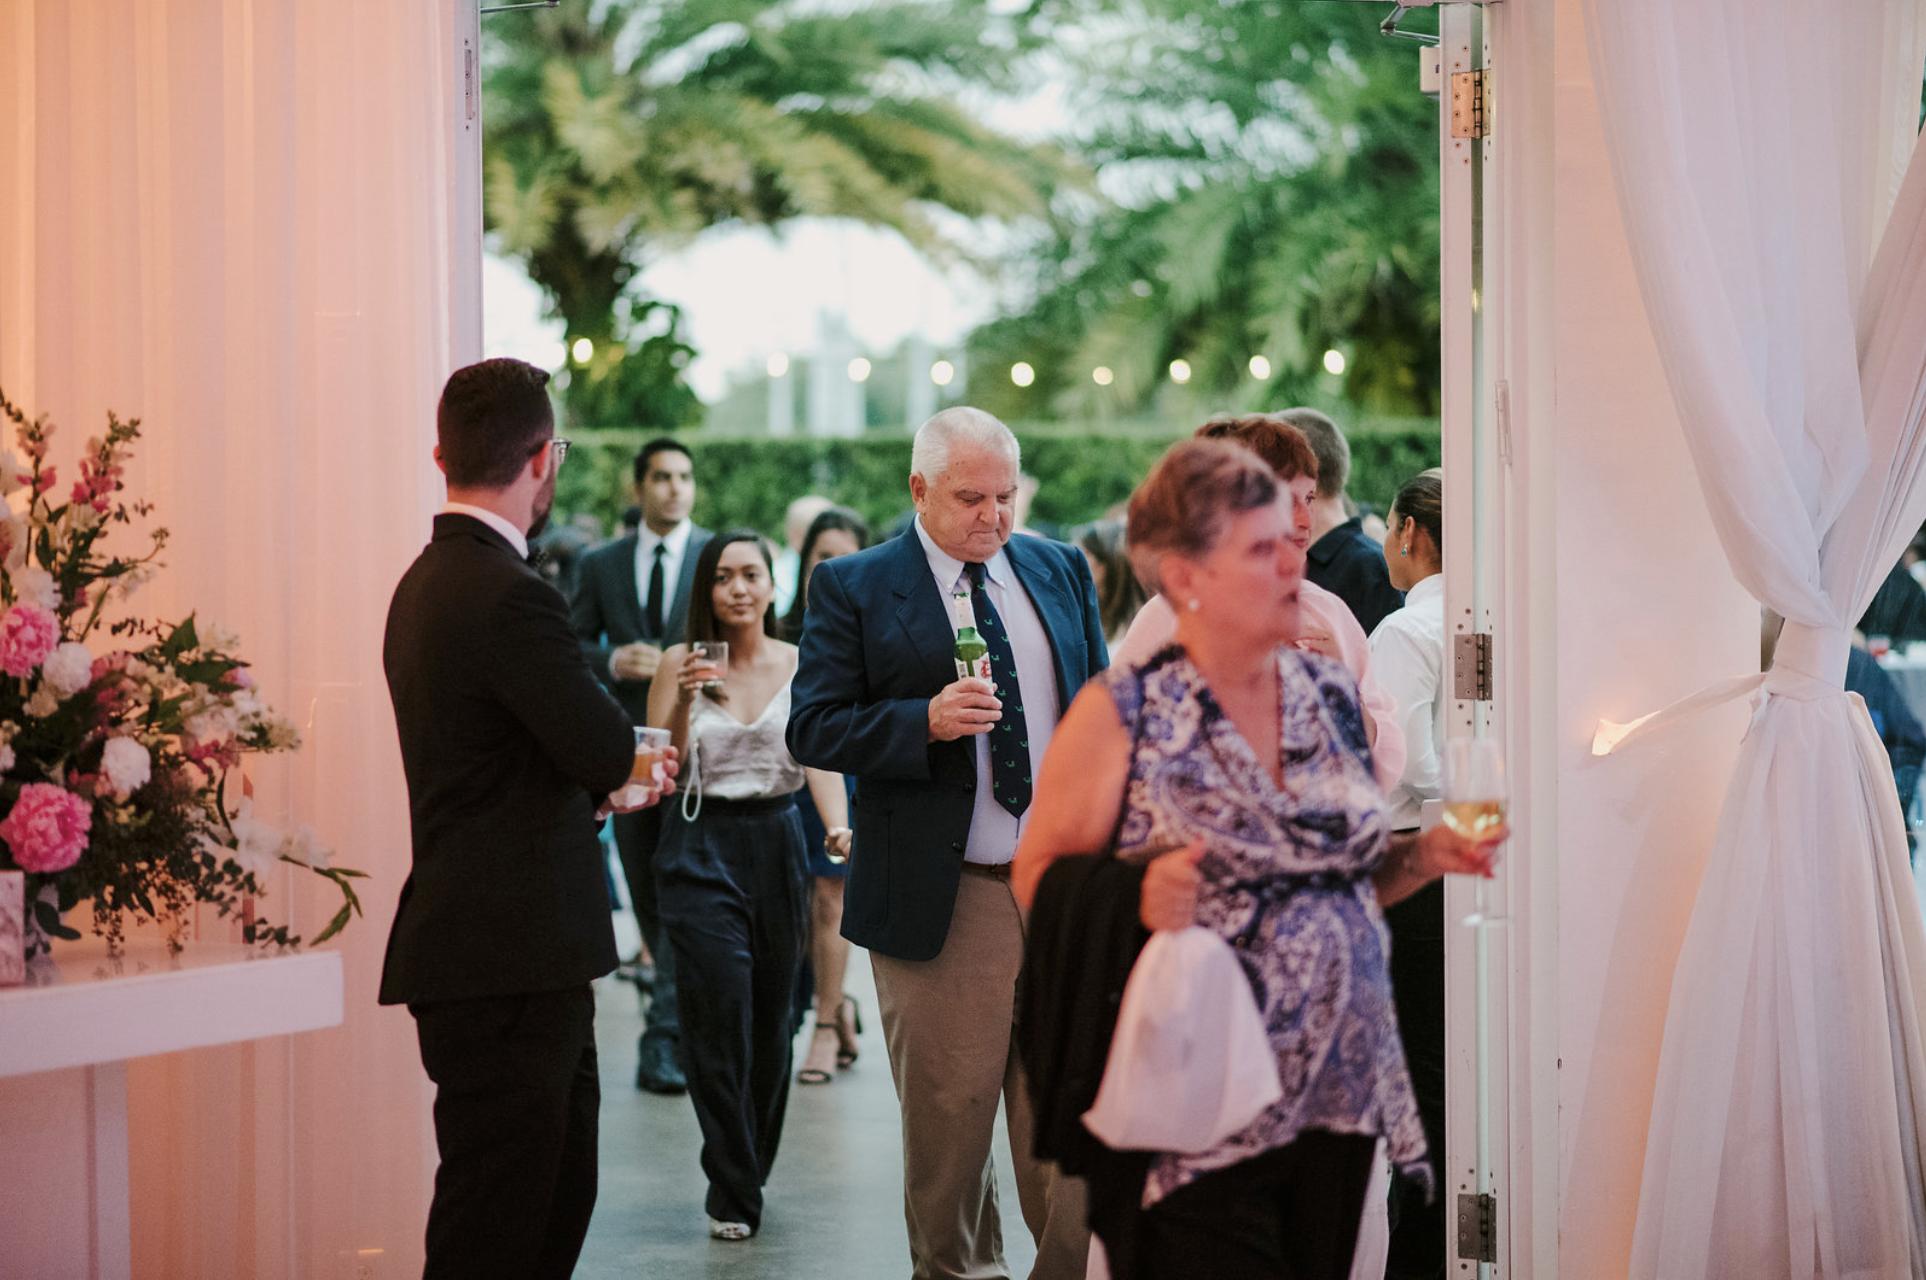 Lavan Broward Ft Lauderdale Event Venue 6.22.45 PM.png